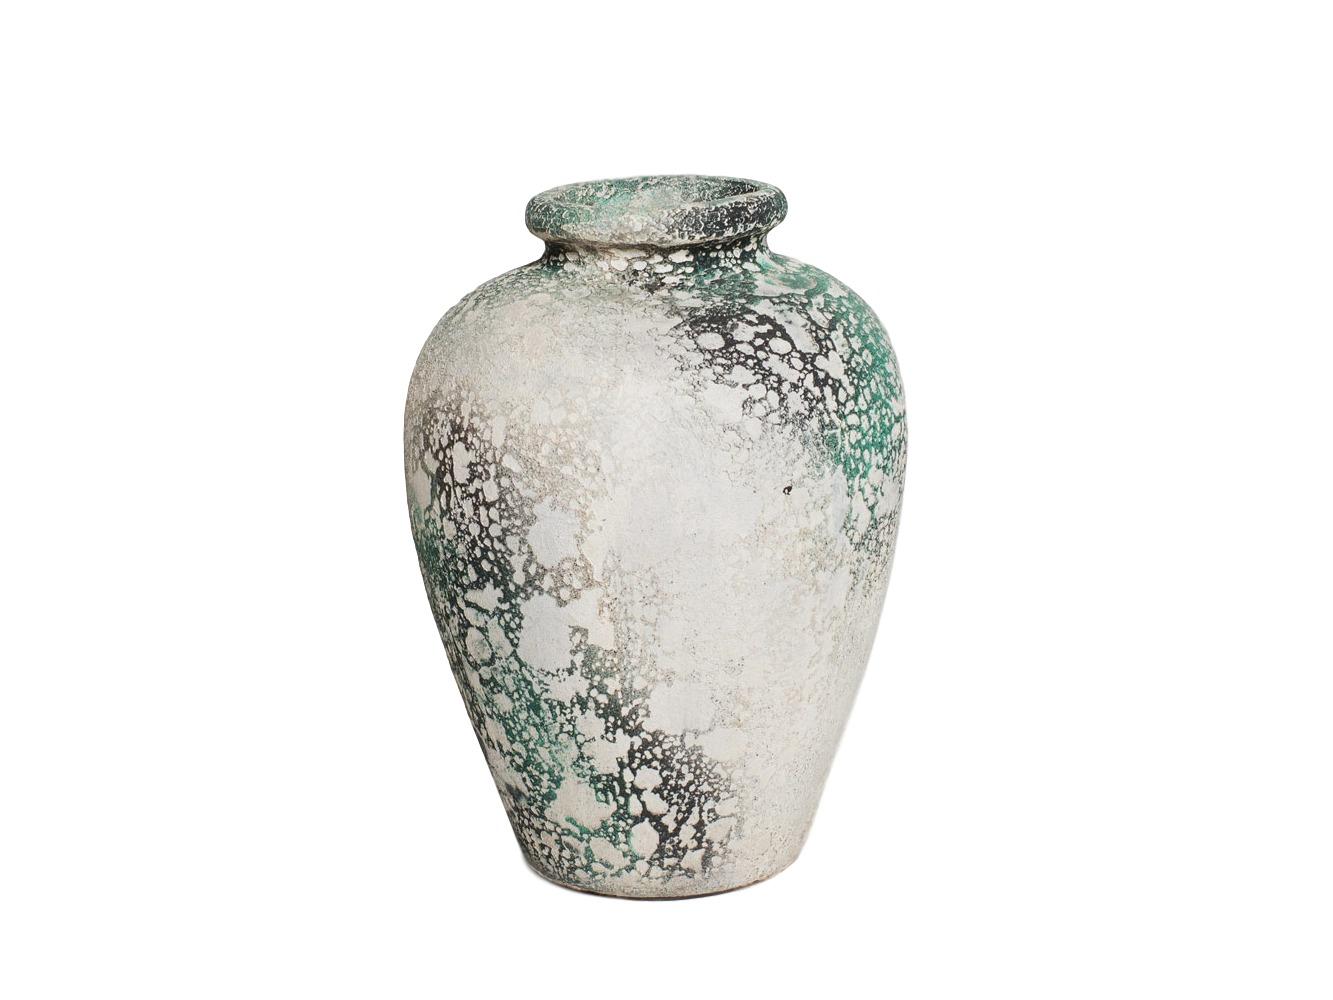 ВазаВазы<br>Декоративная ваза из глины Getong -  свой вид приобрела благодаря технологии изготовления. Сначала ей придали форму, потом покрасили, и только после этого обожгли. Эта ваза поможет создать неповторимую обстановку и освежить интерьер.&amp;amp;nbsp;<br><br>Material: Глина<br>Length см: None<br>Width см: 24<br>Depth см: 24<br>Height см: 29<br>Diameter см: None